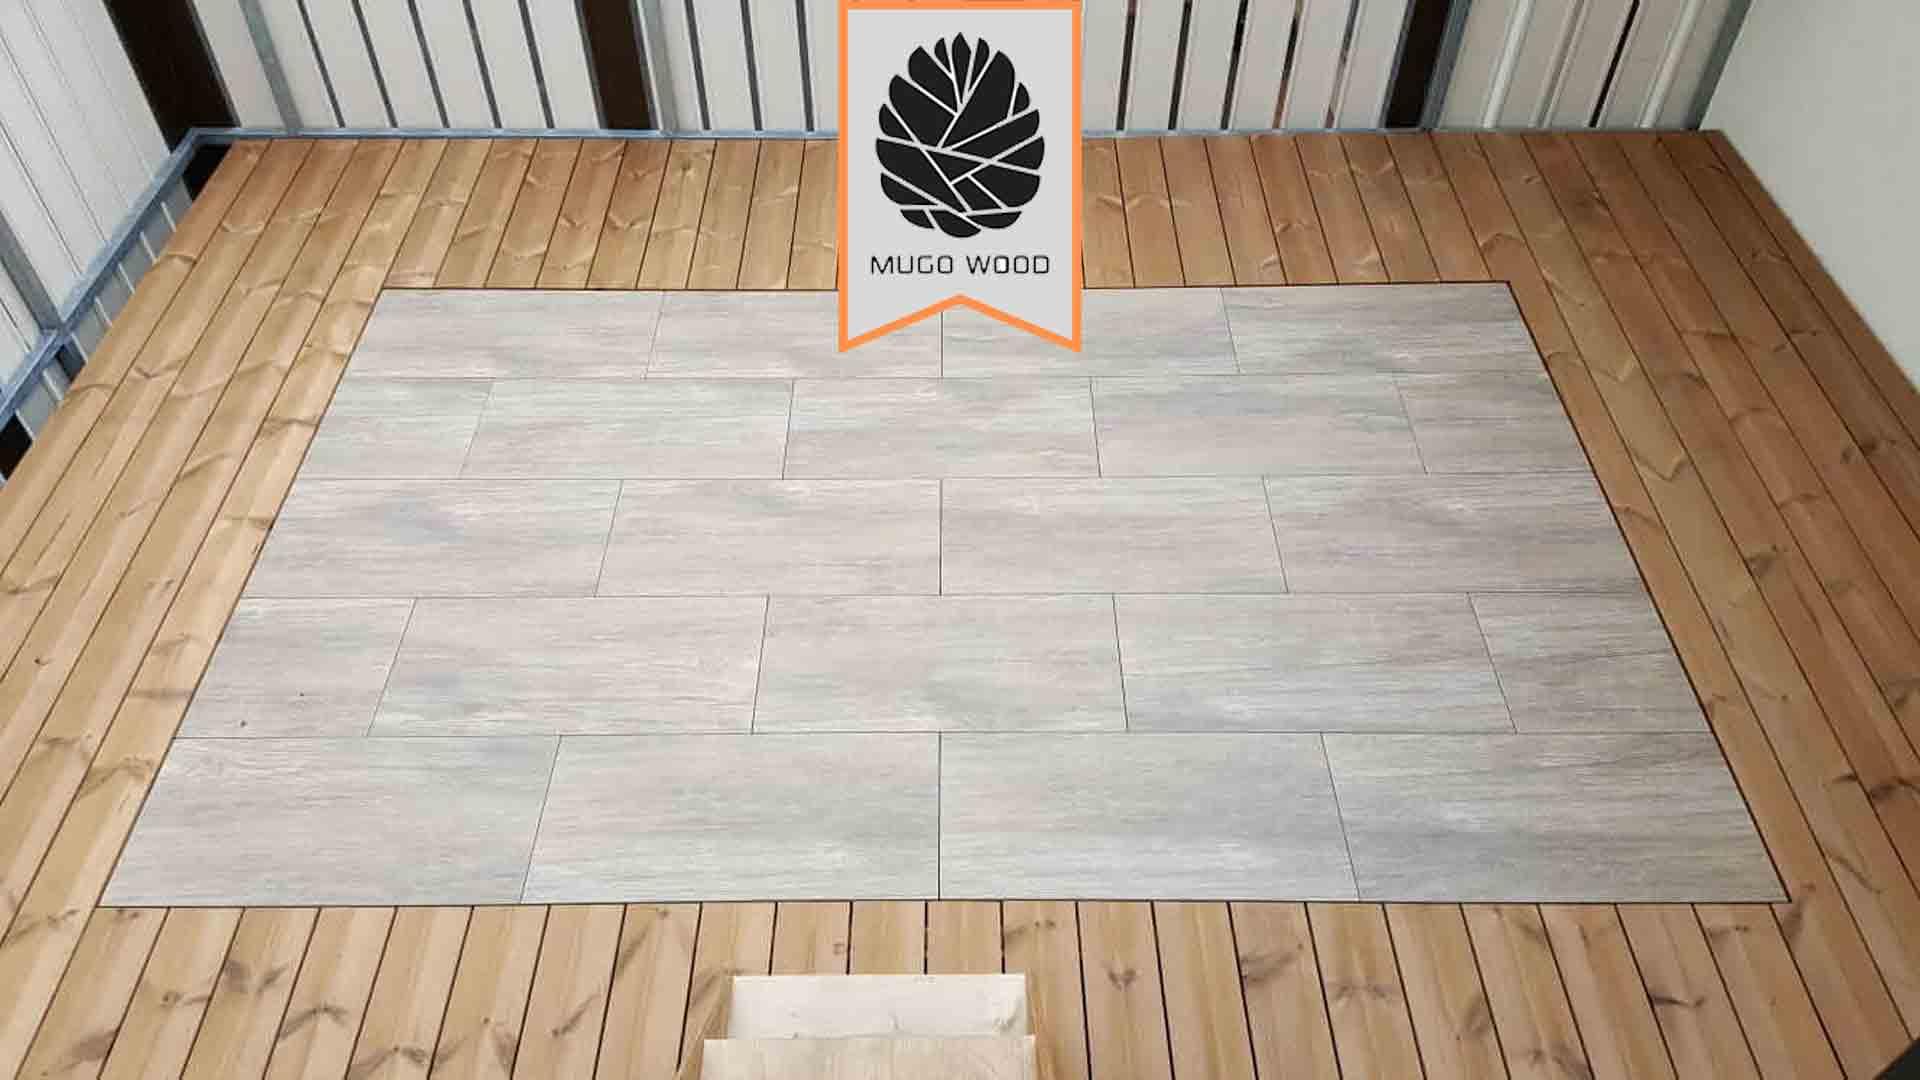 ترمووود ابعاد - ابعاد چوبهای ترموود - ابعاد استاندارد ترمووود - ابعاد چوبهای ترمووود - ترمووود - ترموود - رنگ ترموود - ترموود ایرانی - چوب ترمو - چوب ترموود